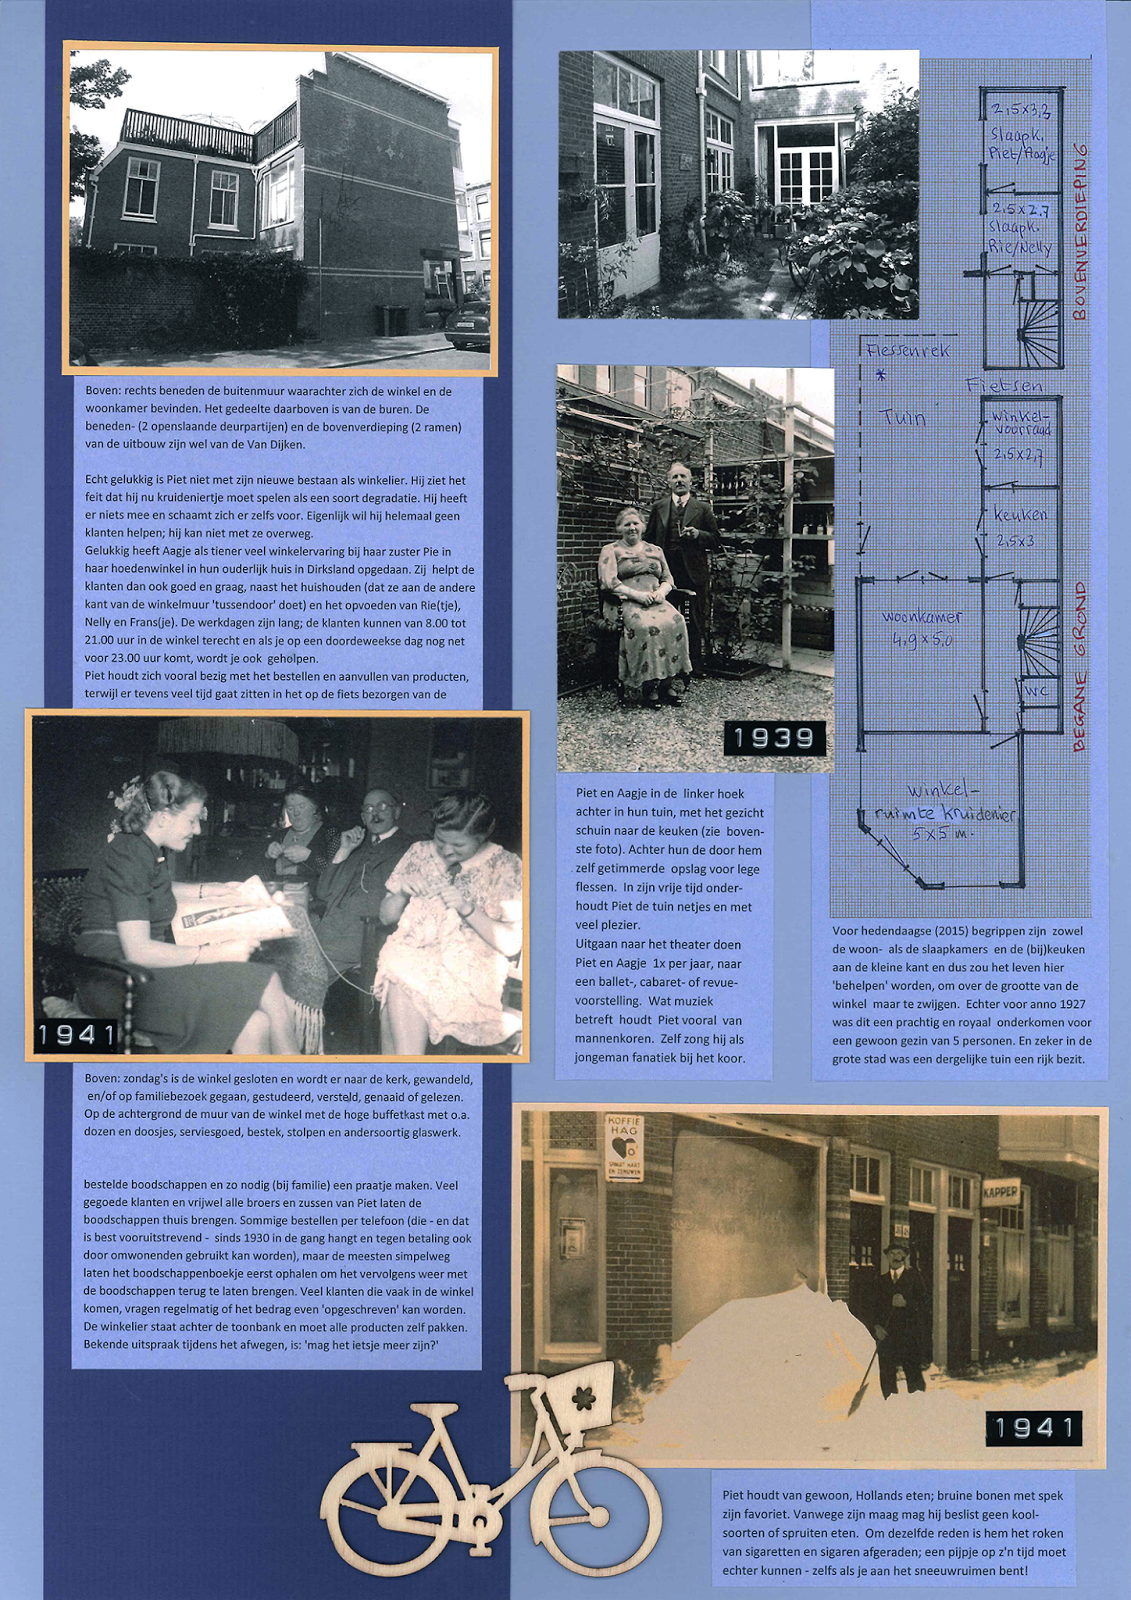 Familie in Beeld - Alles over familiegeschiedenis en stamboomonderzoek: #5: 6 nieuwe kleuren blauw A3 papier